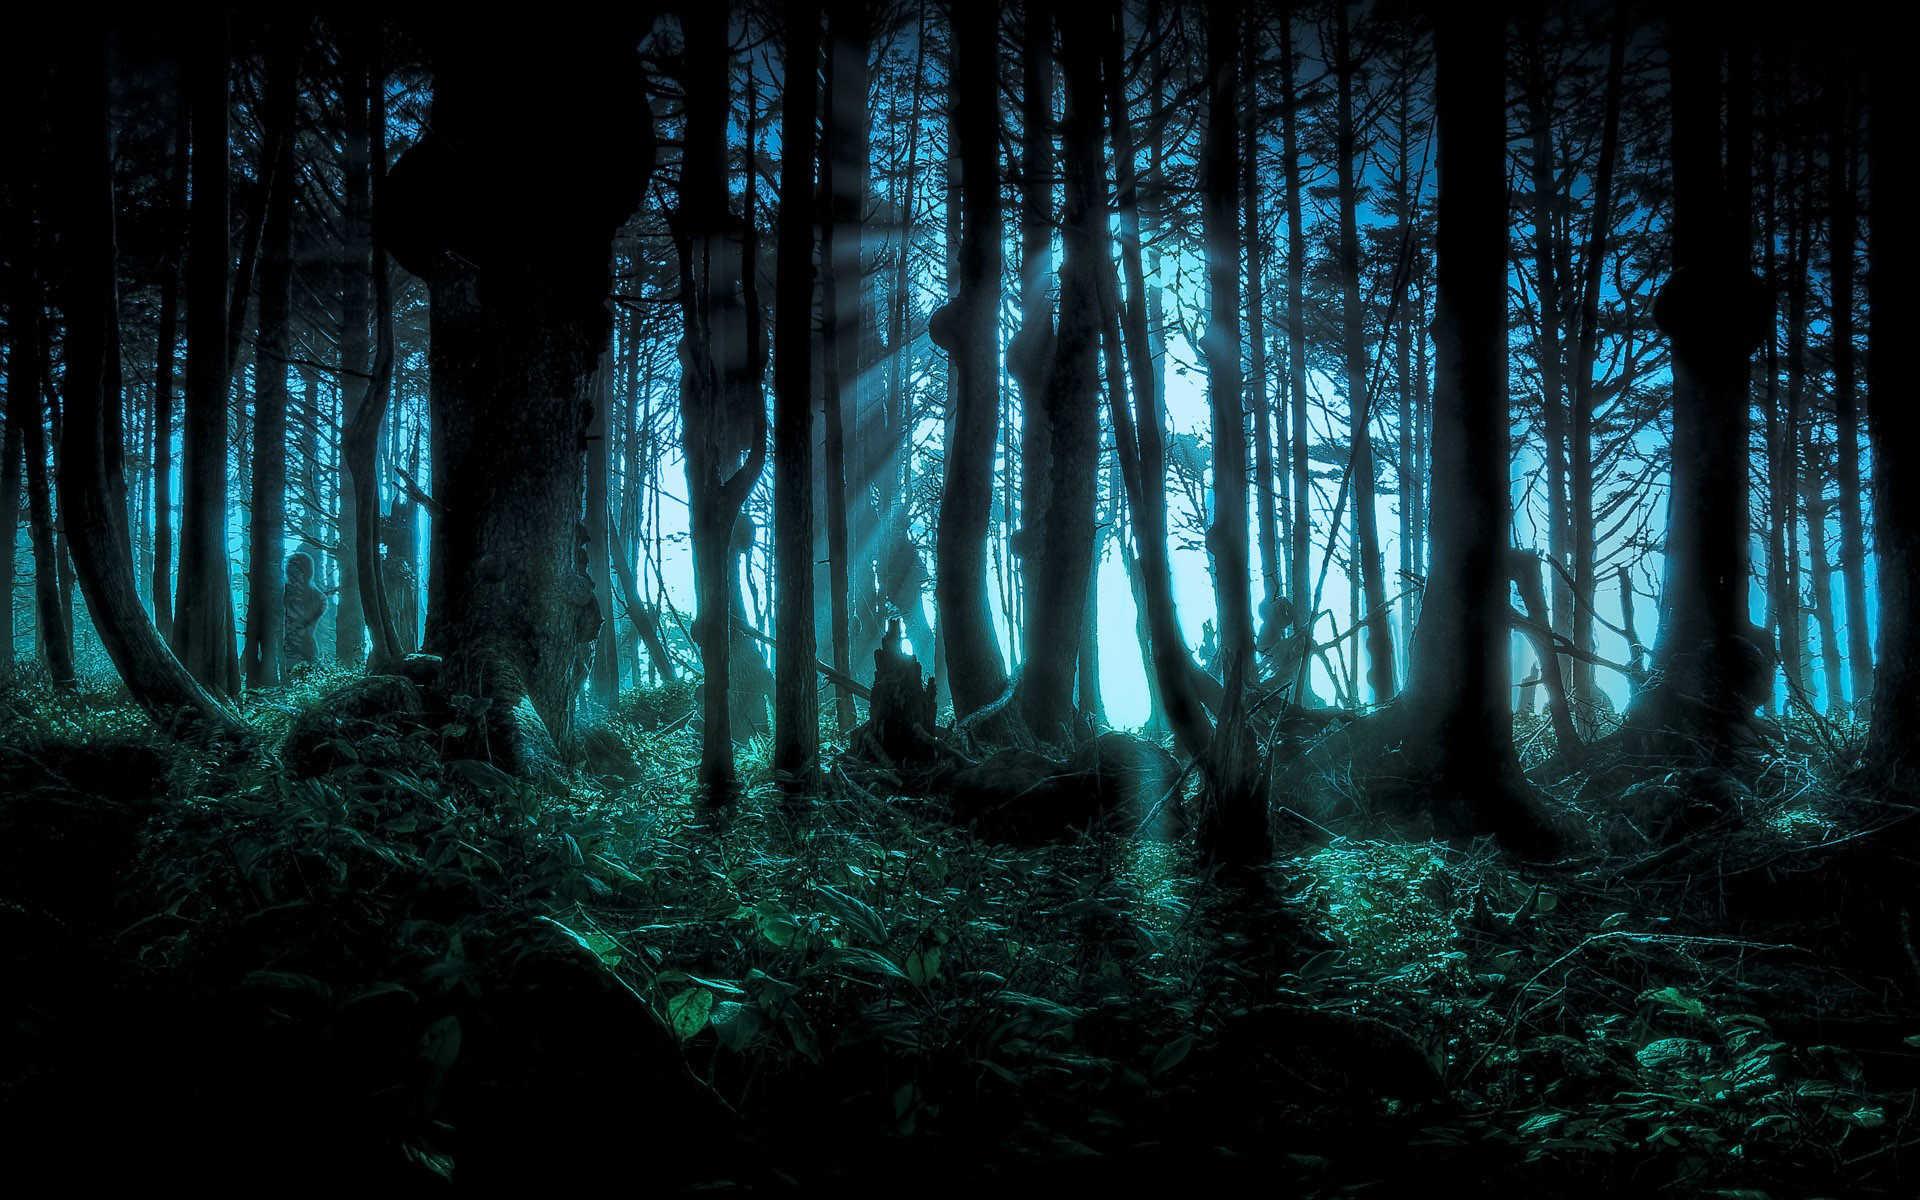 Halloween Wallpaper Free Download Halloween Wallpaper HD Images